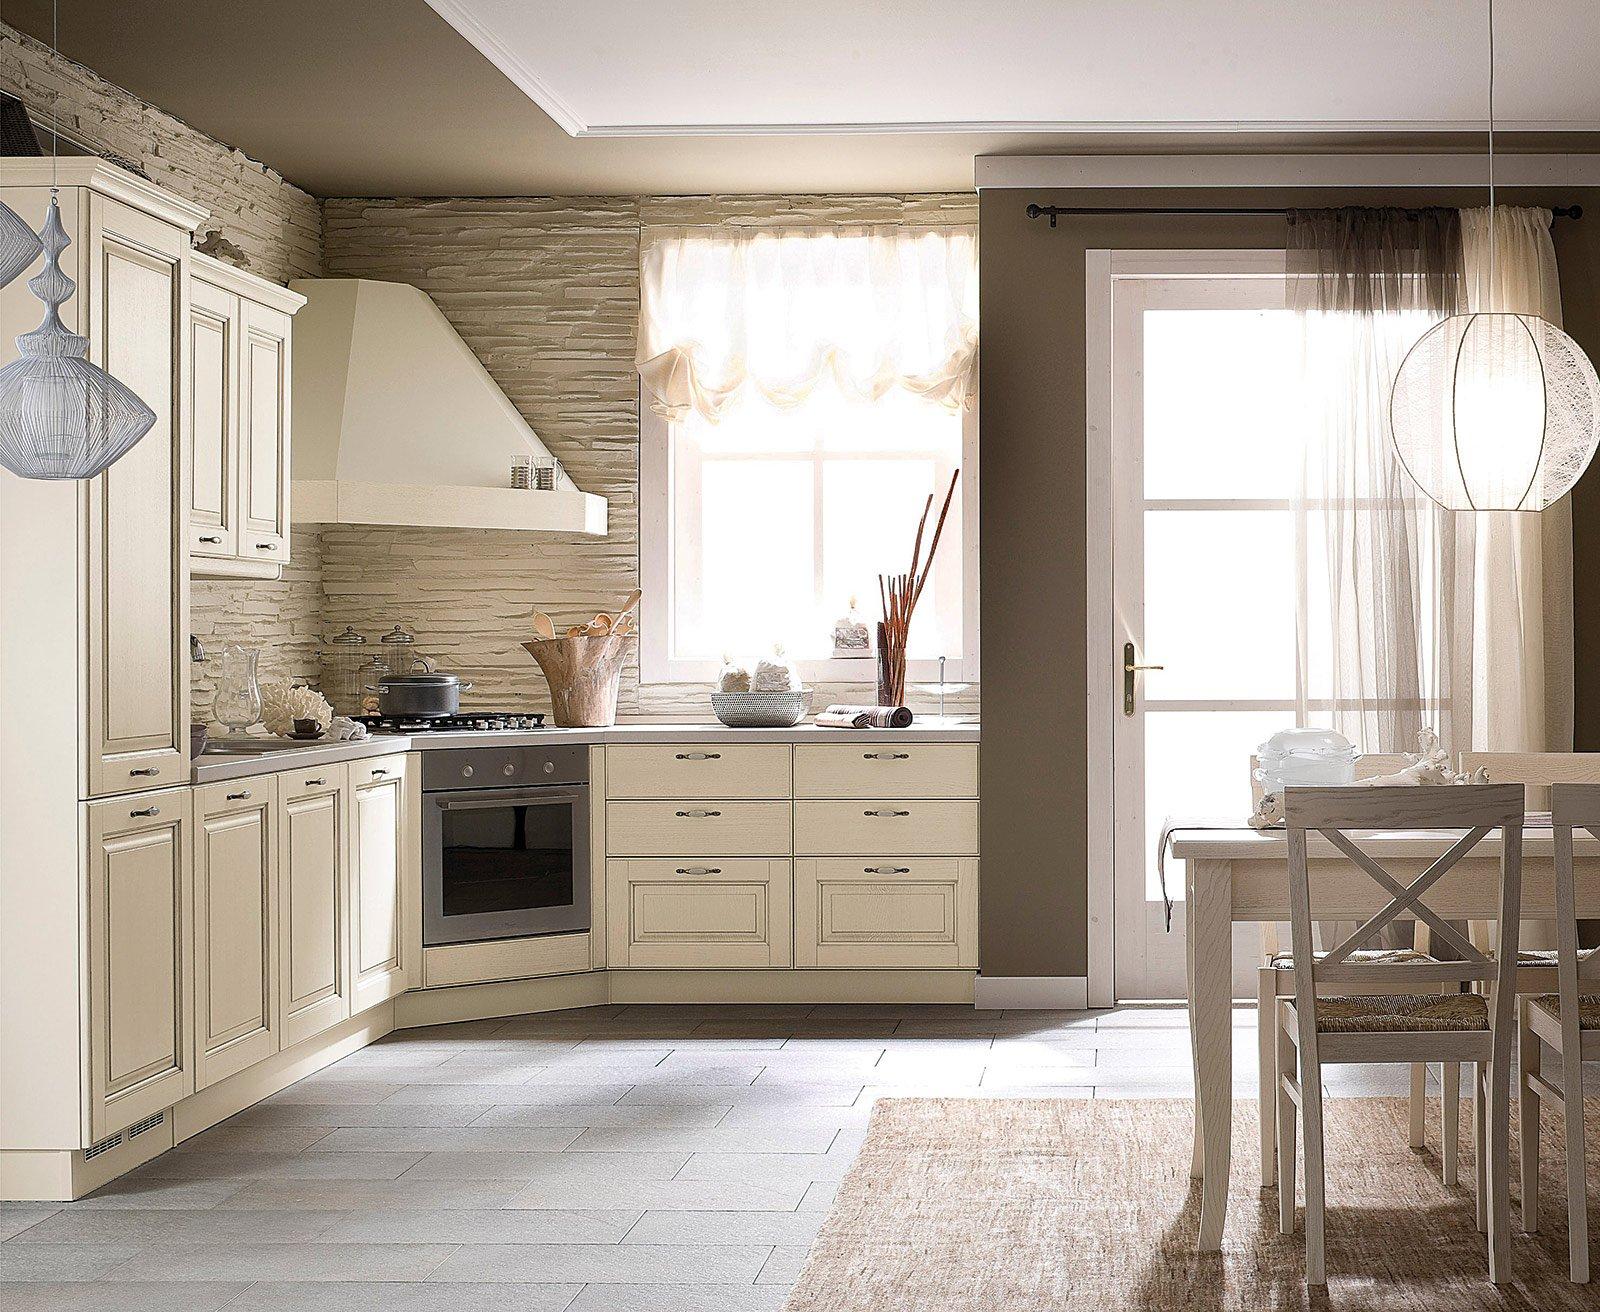 Cucine country stile tradizionale o new classic cose di casa - Cucine con fuochi ad angolo ...